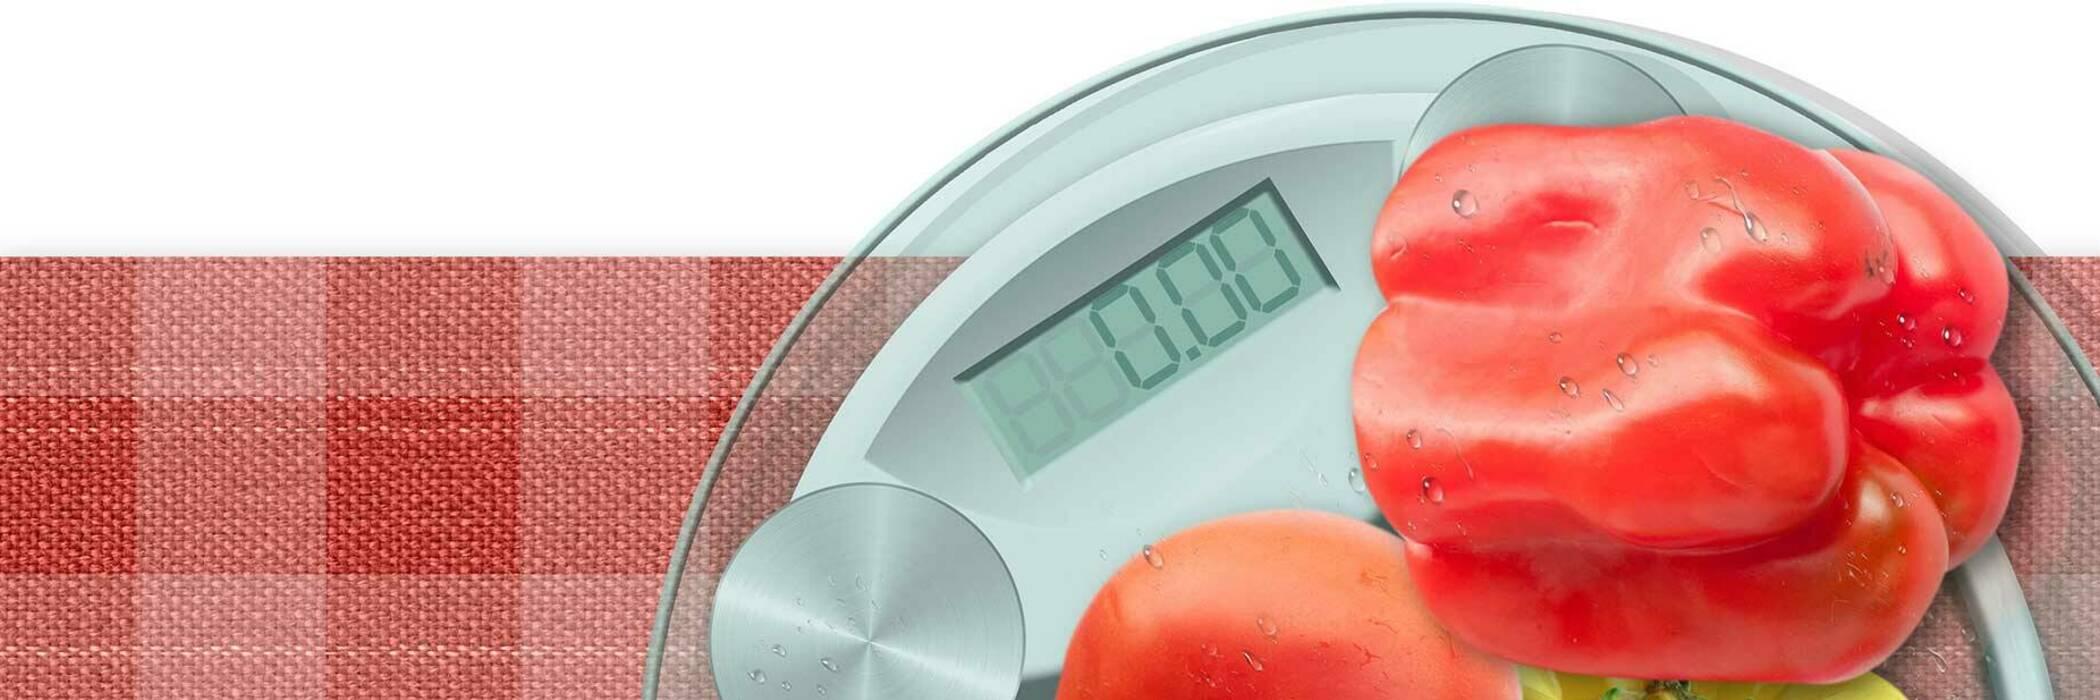 11oct weights measures hero